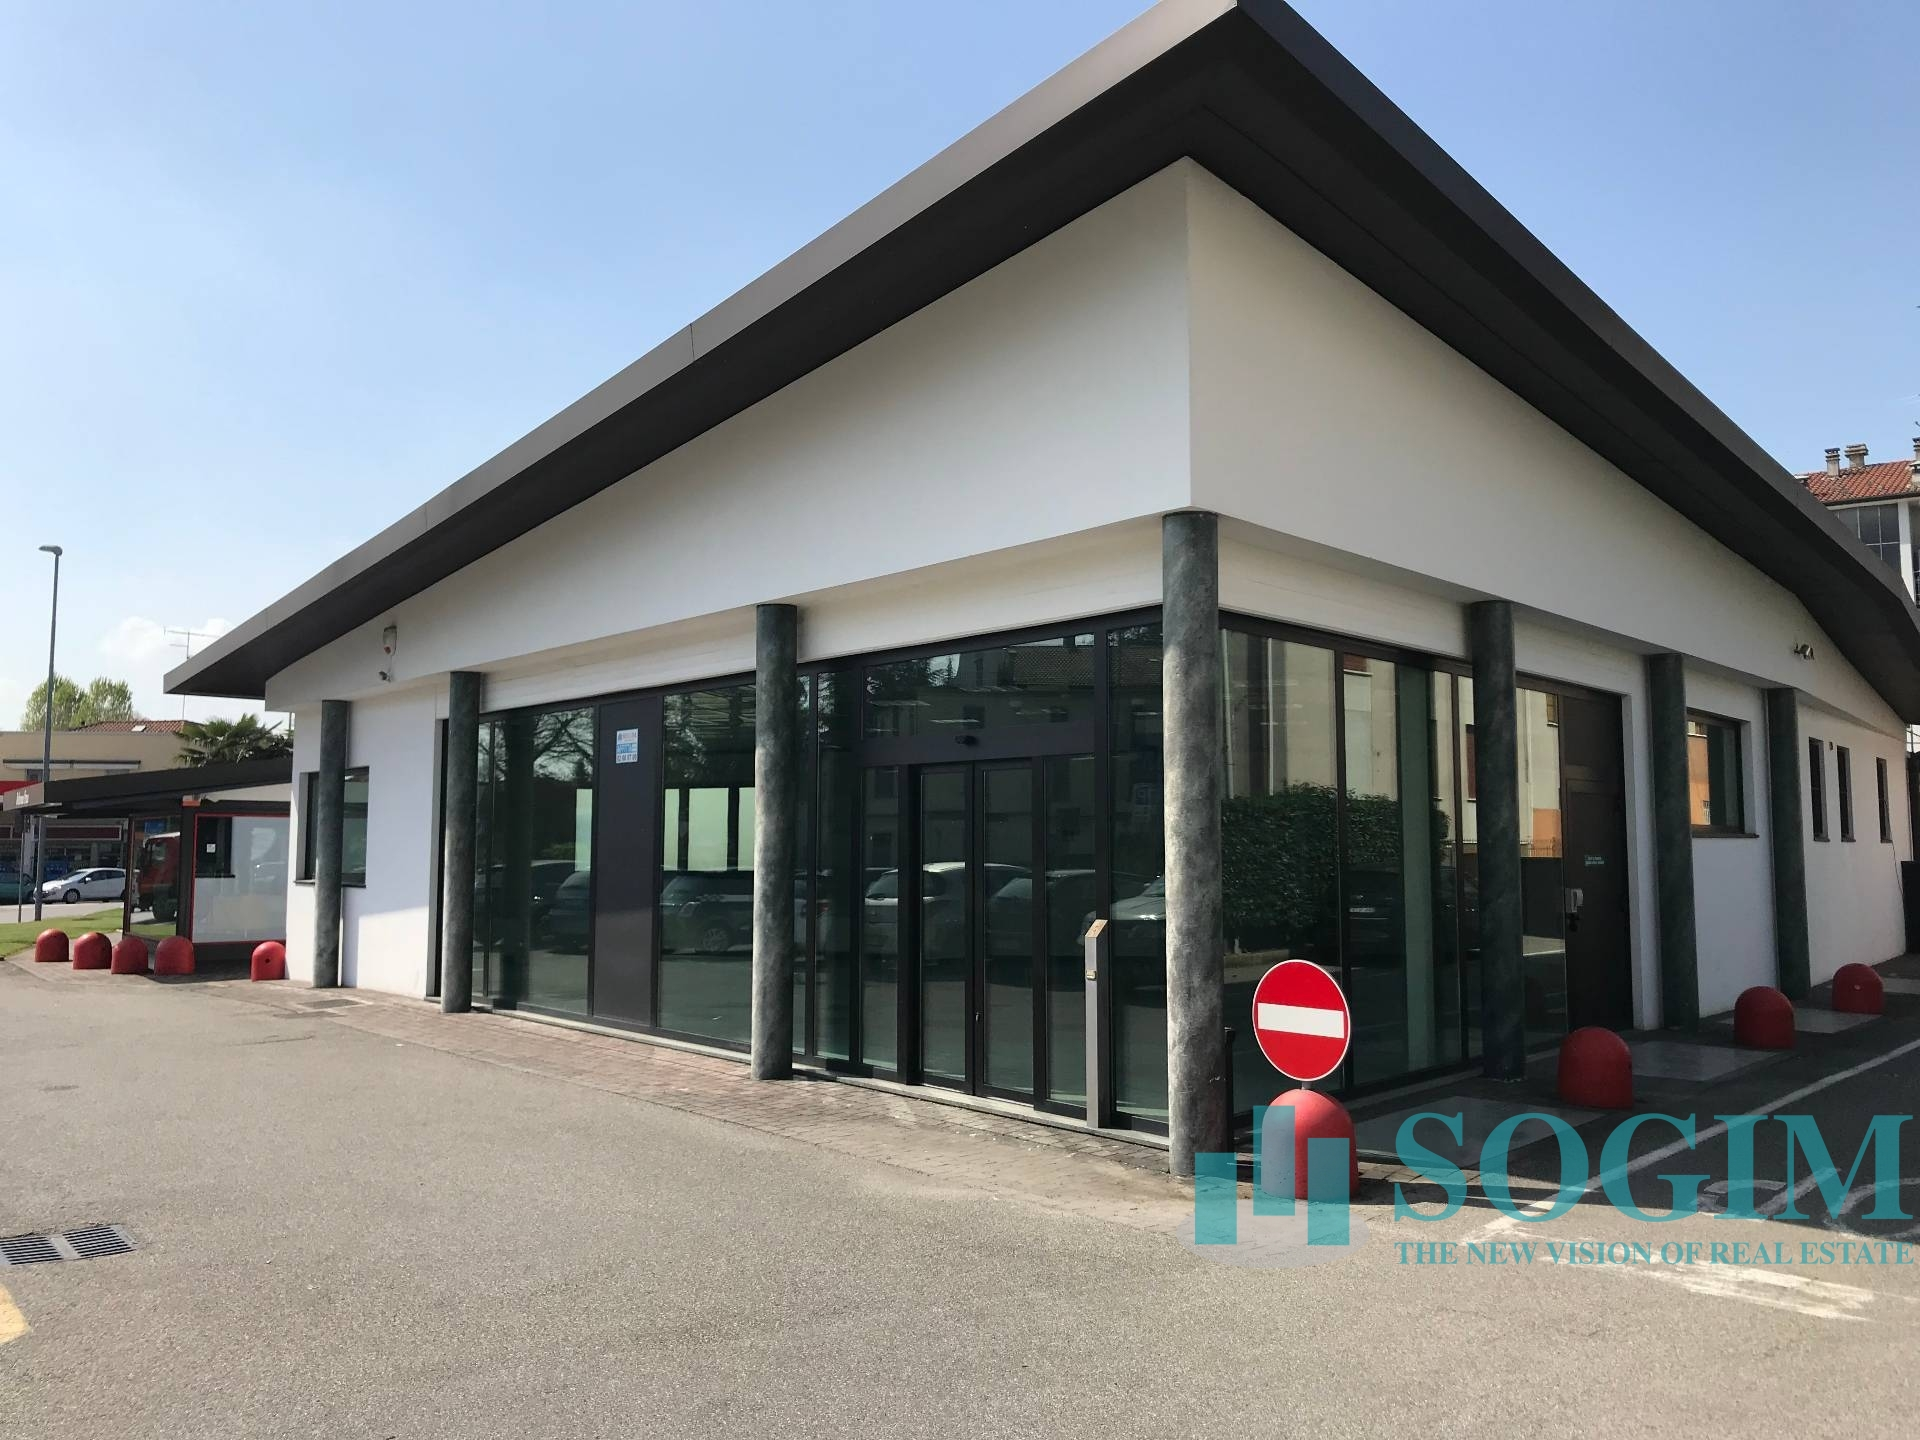 Negozio / Locale in affitto a Cermenate, 9999 locali, zona go, prezzo € 2.800 | PortaleAgenzieImmobiliari.it